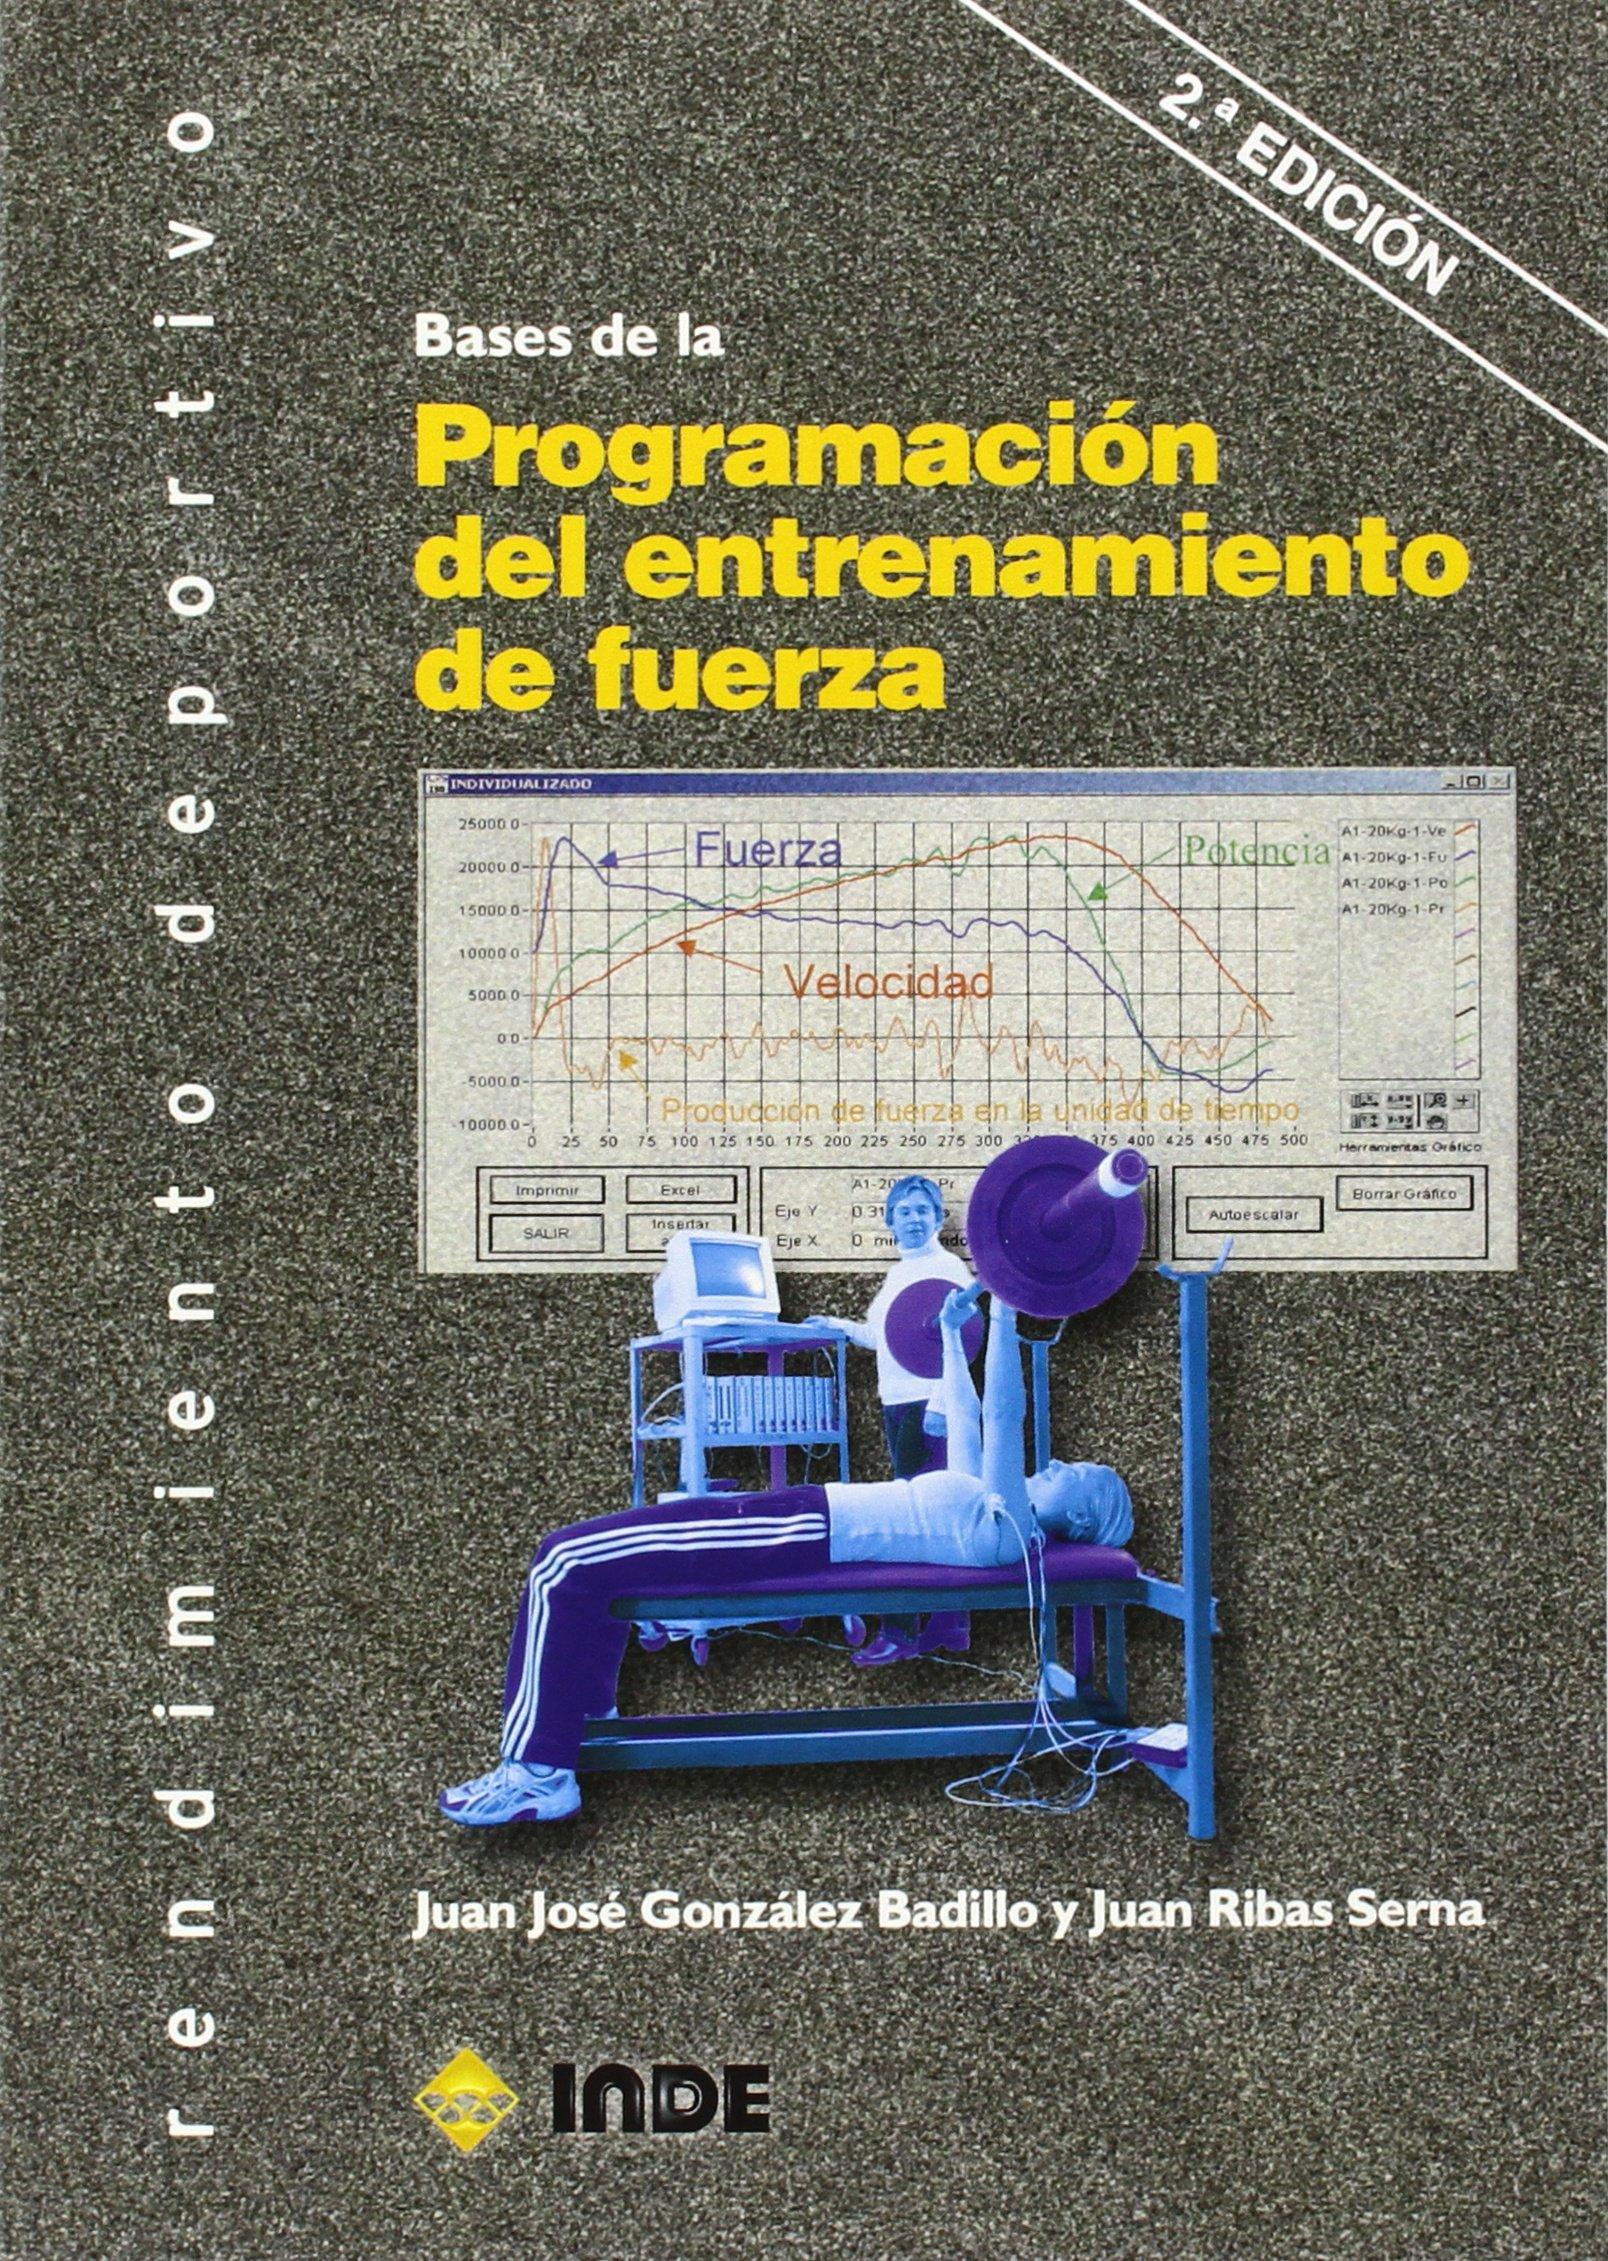 Bases de la Programación del entrenamiento de fuerza Tapa blanda – 9 sep 2014 Juan José González Badillo Juan Ribas Serna INDE 8497293460